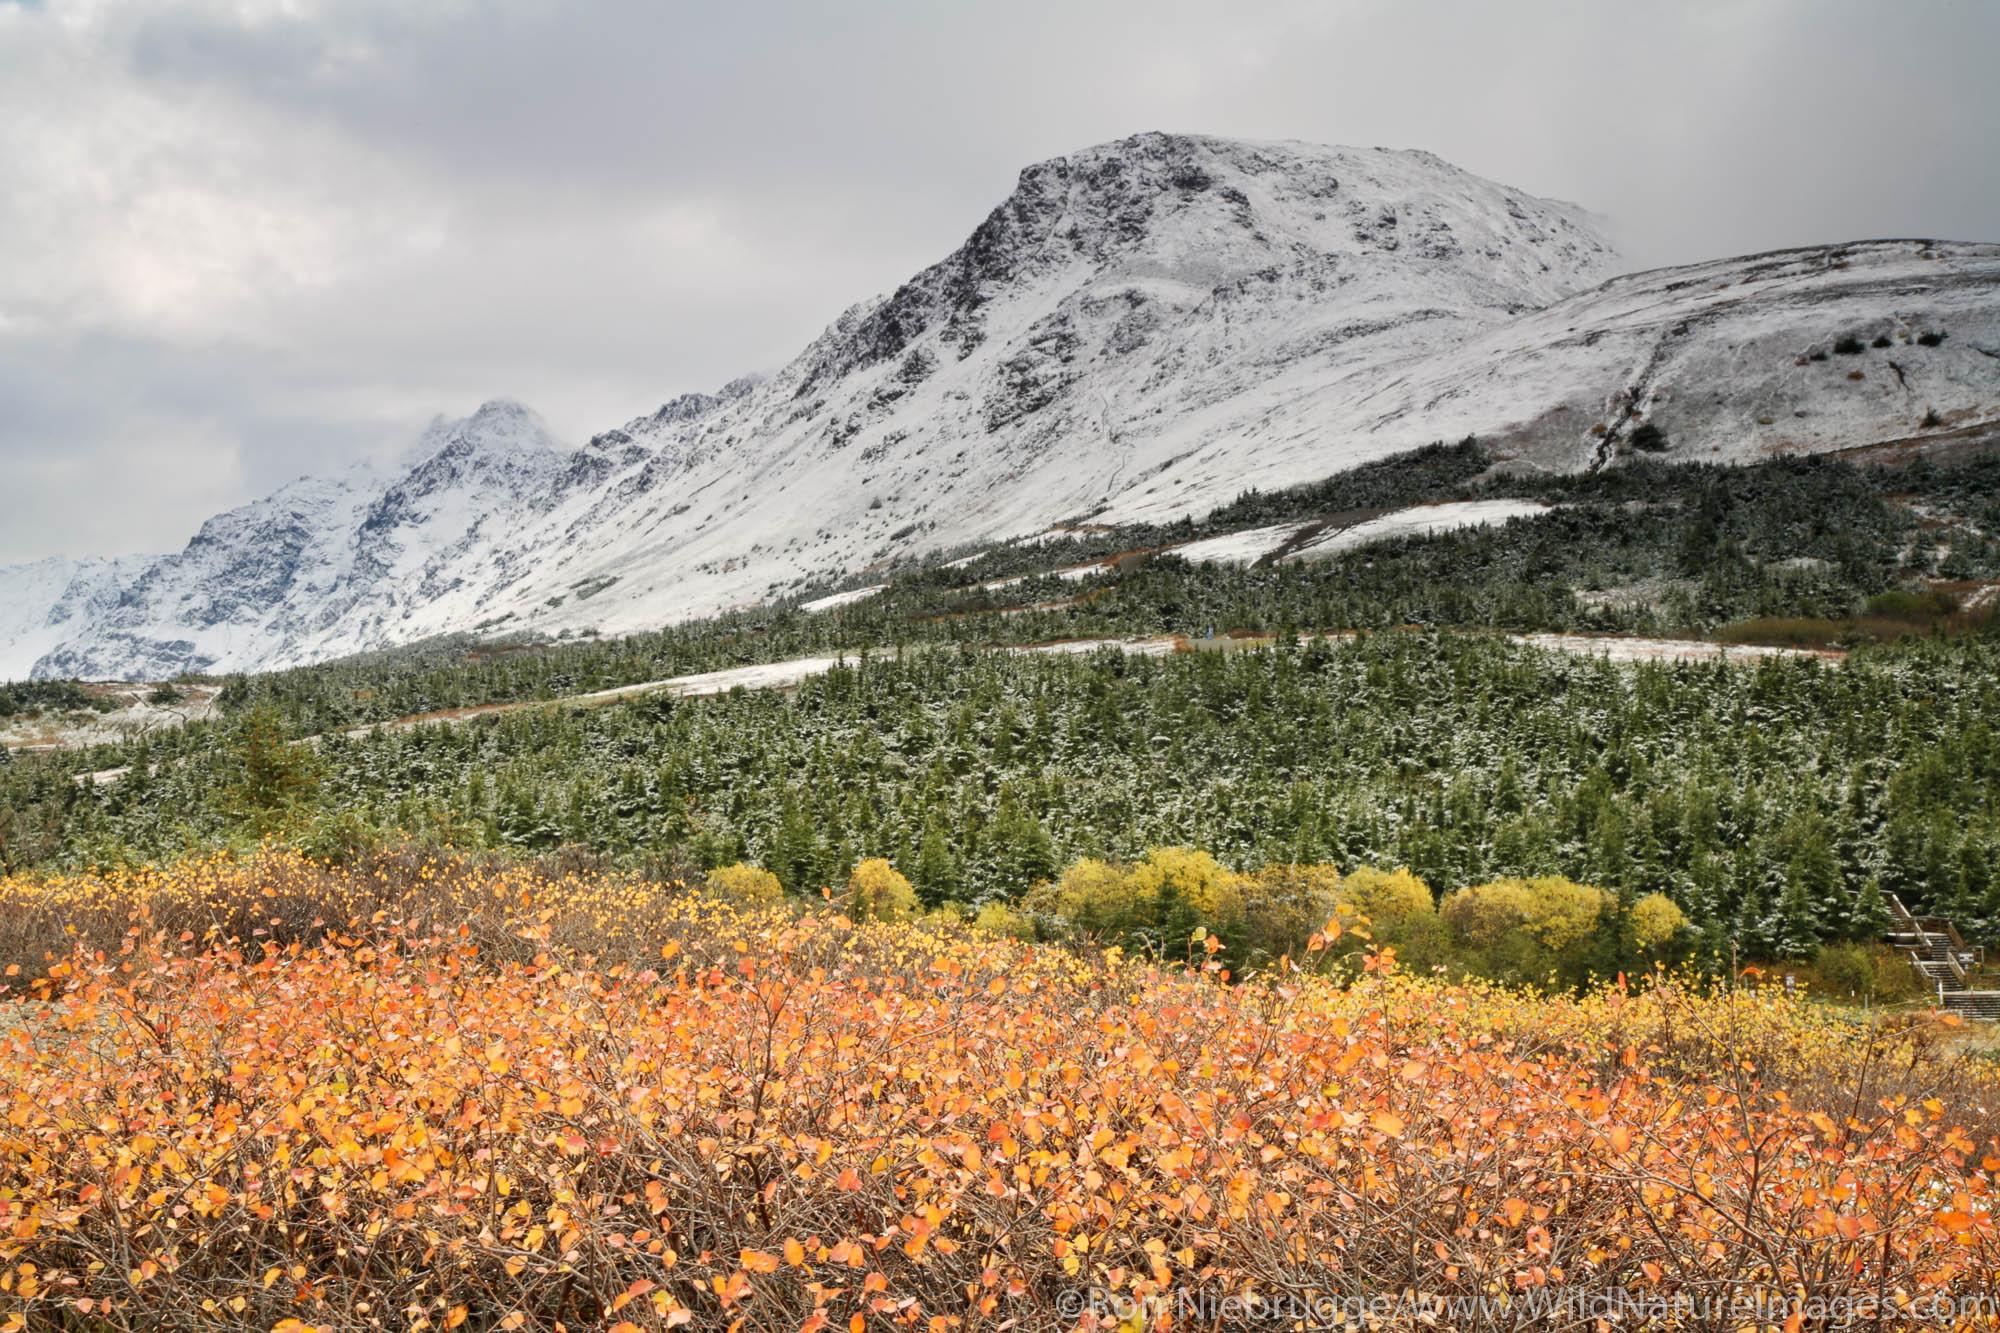 Autumn in Chugach State Park, Chugach Mountains, Anchorage, Alaska.